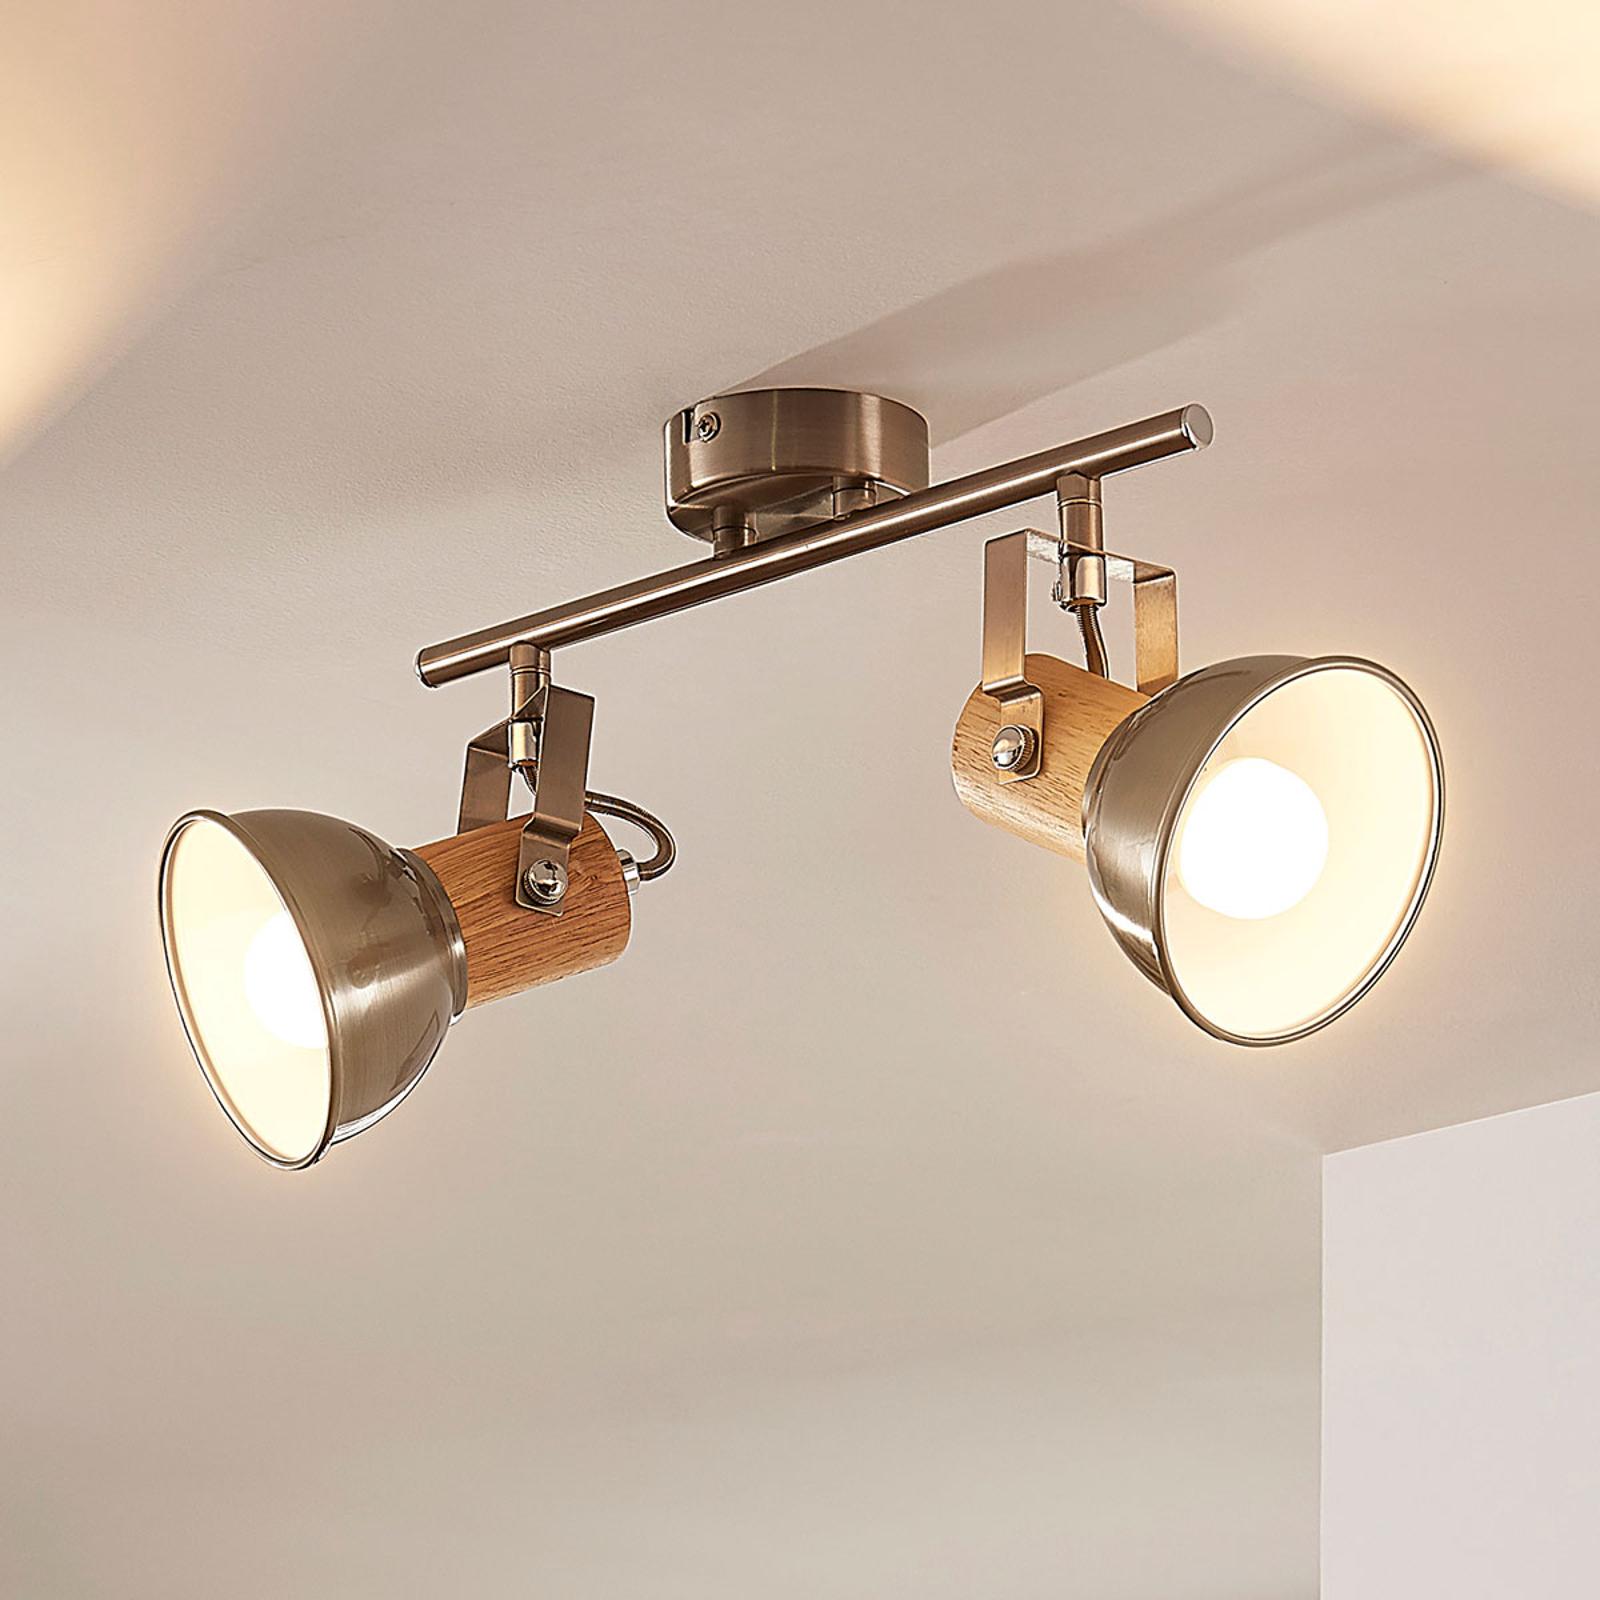 Puukoristeinen LED-kattovalaisin Dennis, 2 lamppua